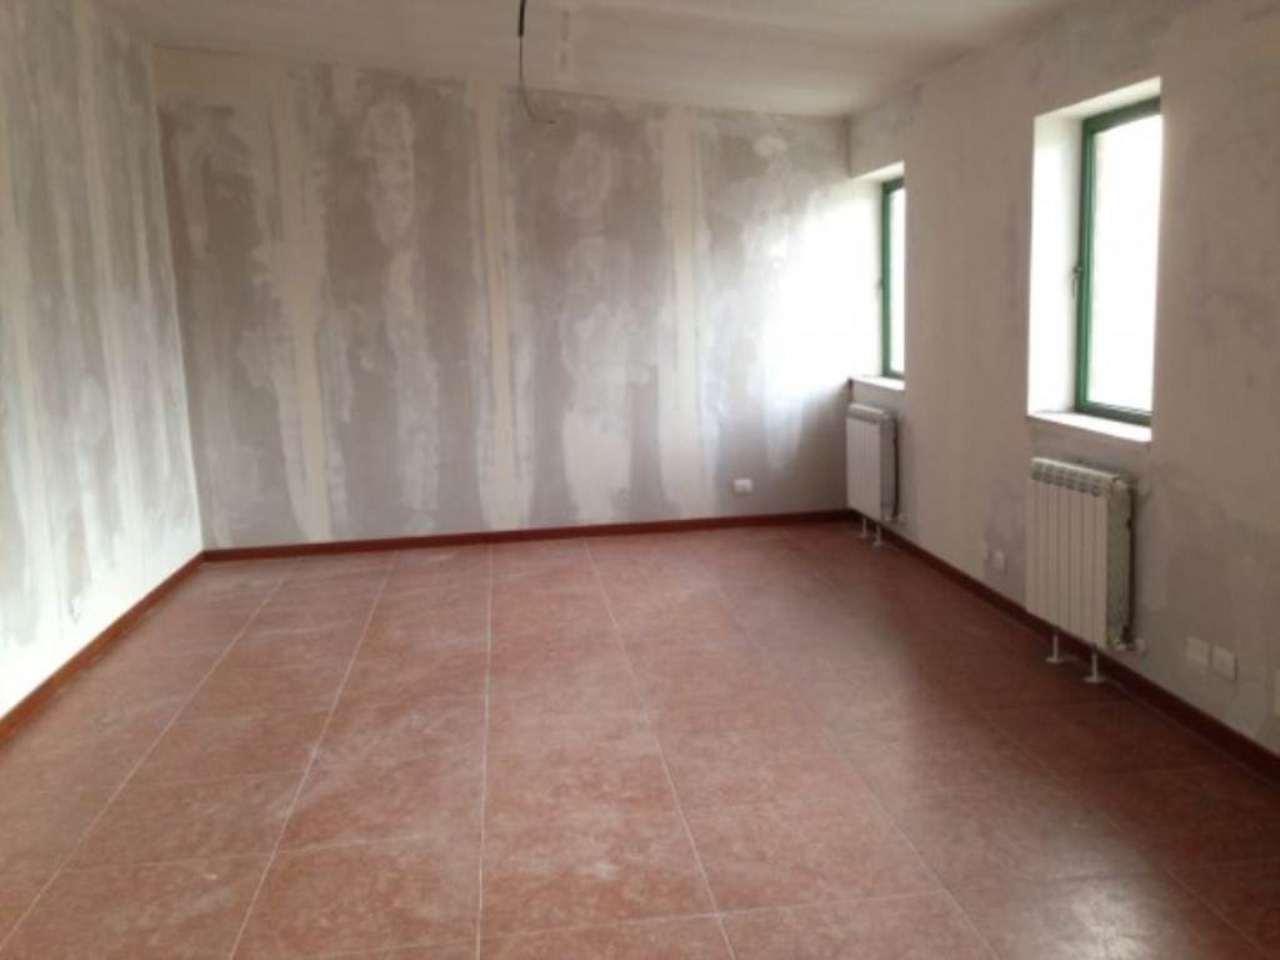 Ufficio / Studio in affitto a Moncalieri, 3 locali, prezzo € 250 | Cambio Casa.it